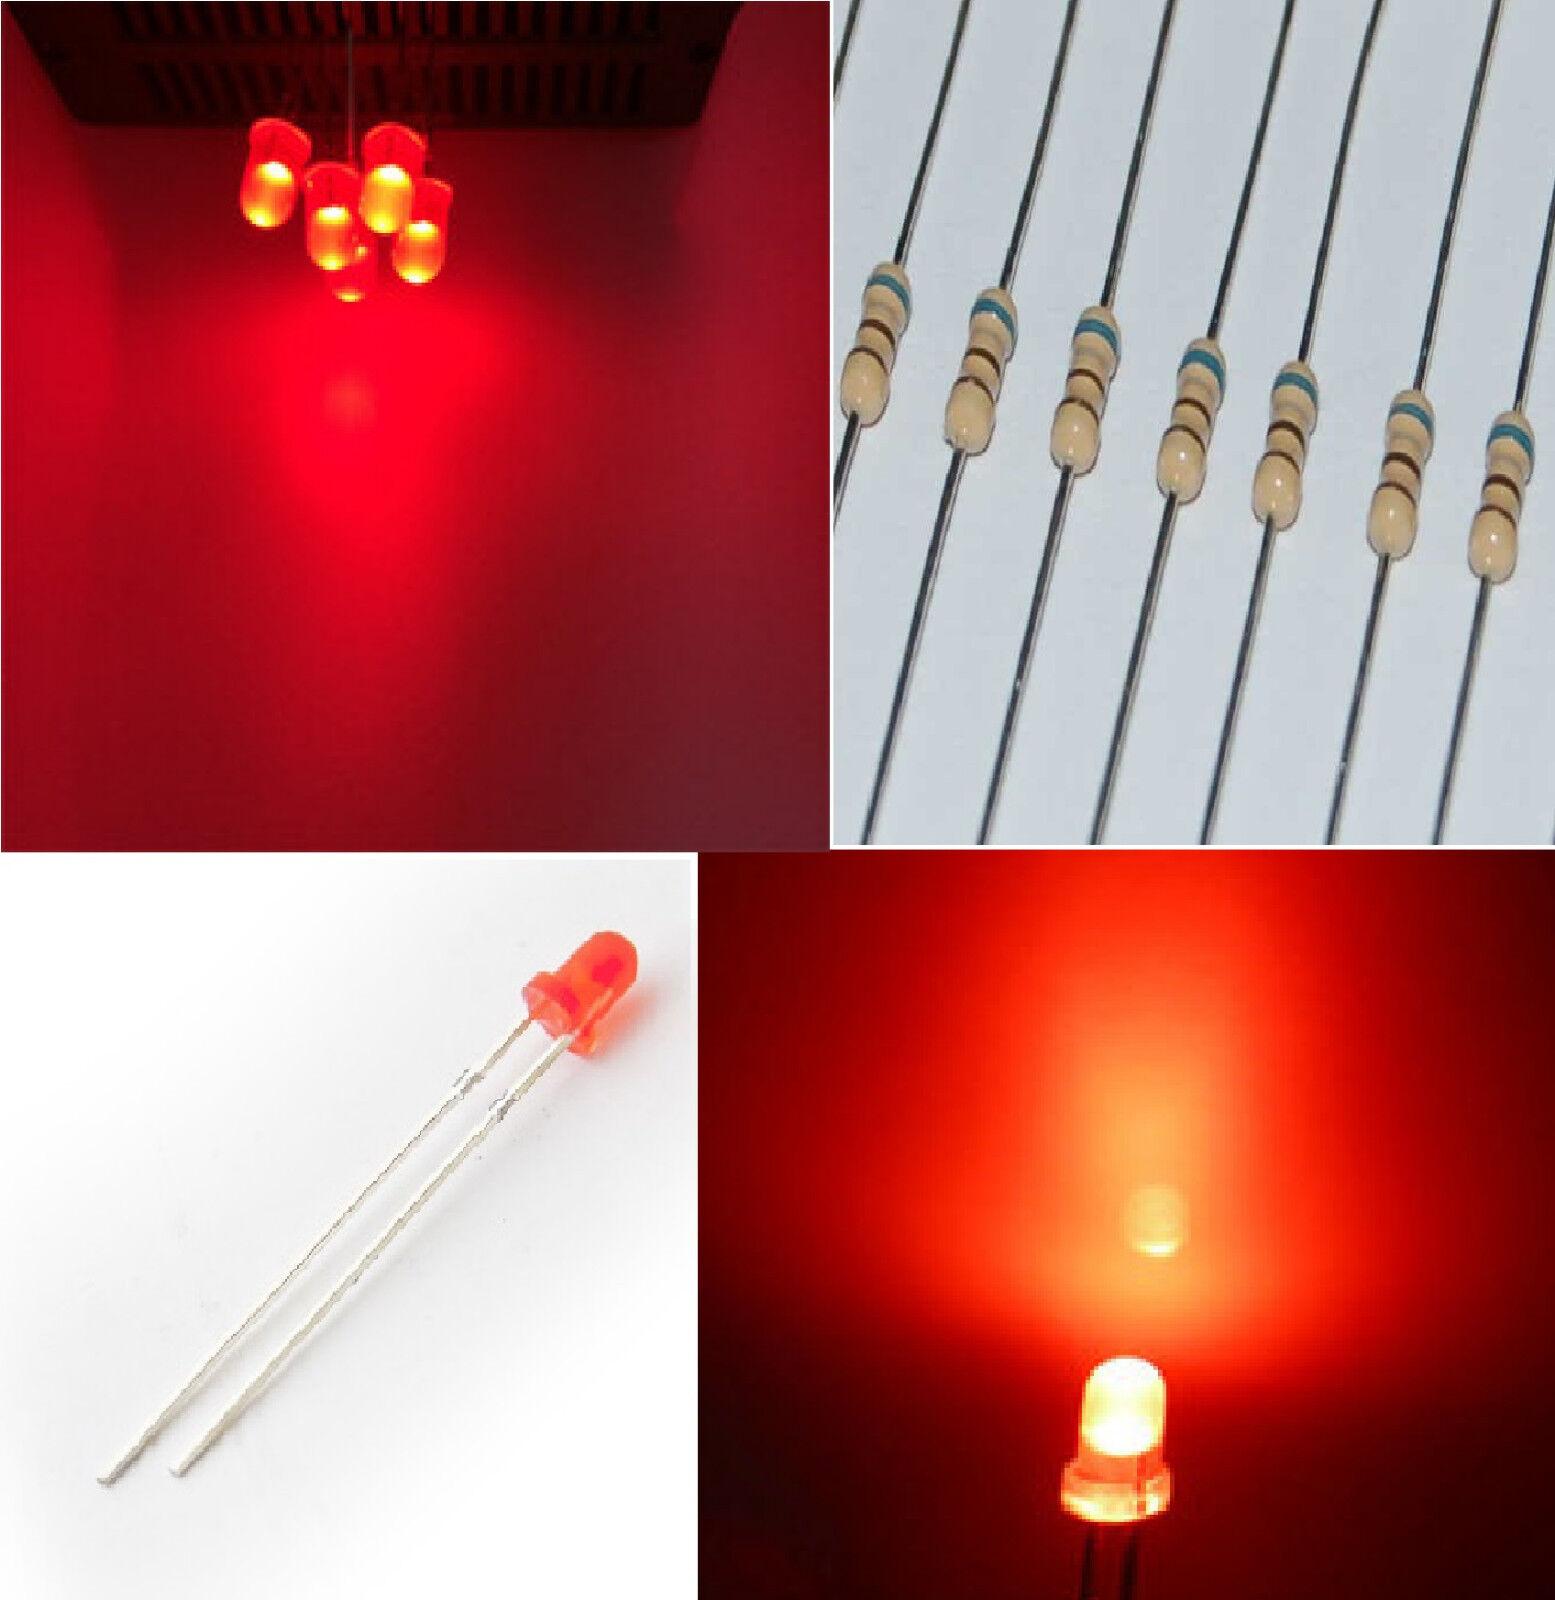 1.000 diodi led 3 mm rosso foggy LUCE DIFFUSA alta luminosità + 1000 RESISTENZE